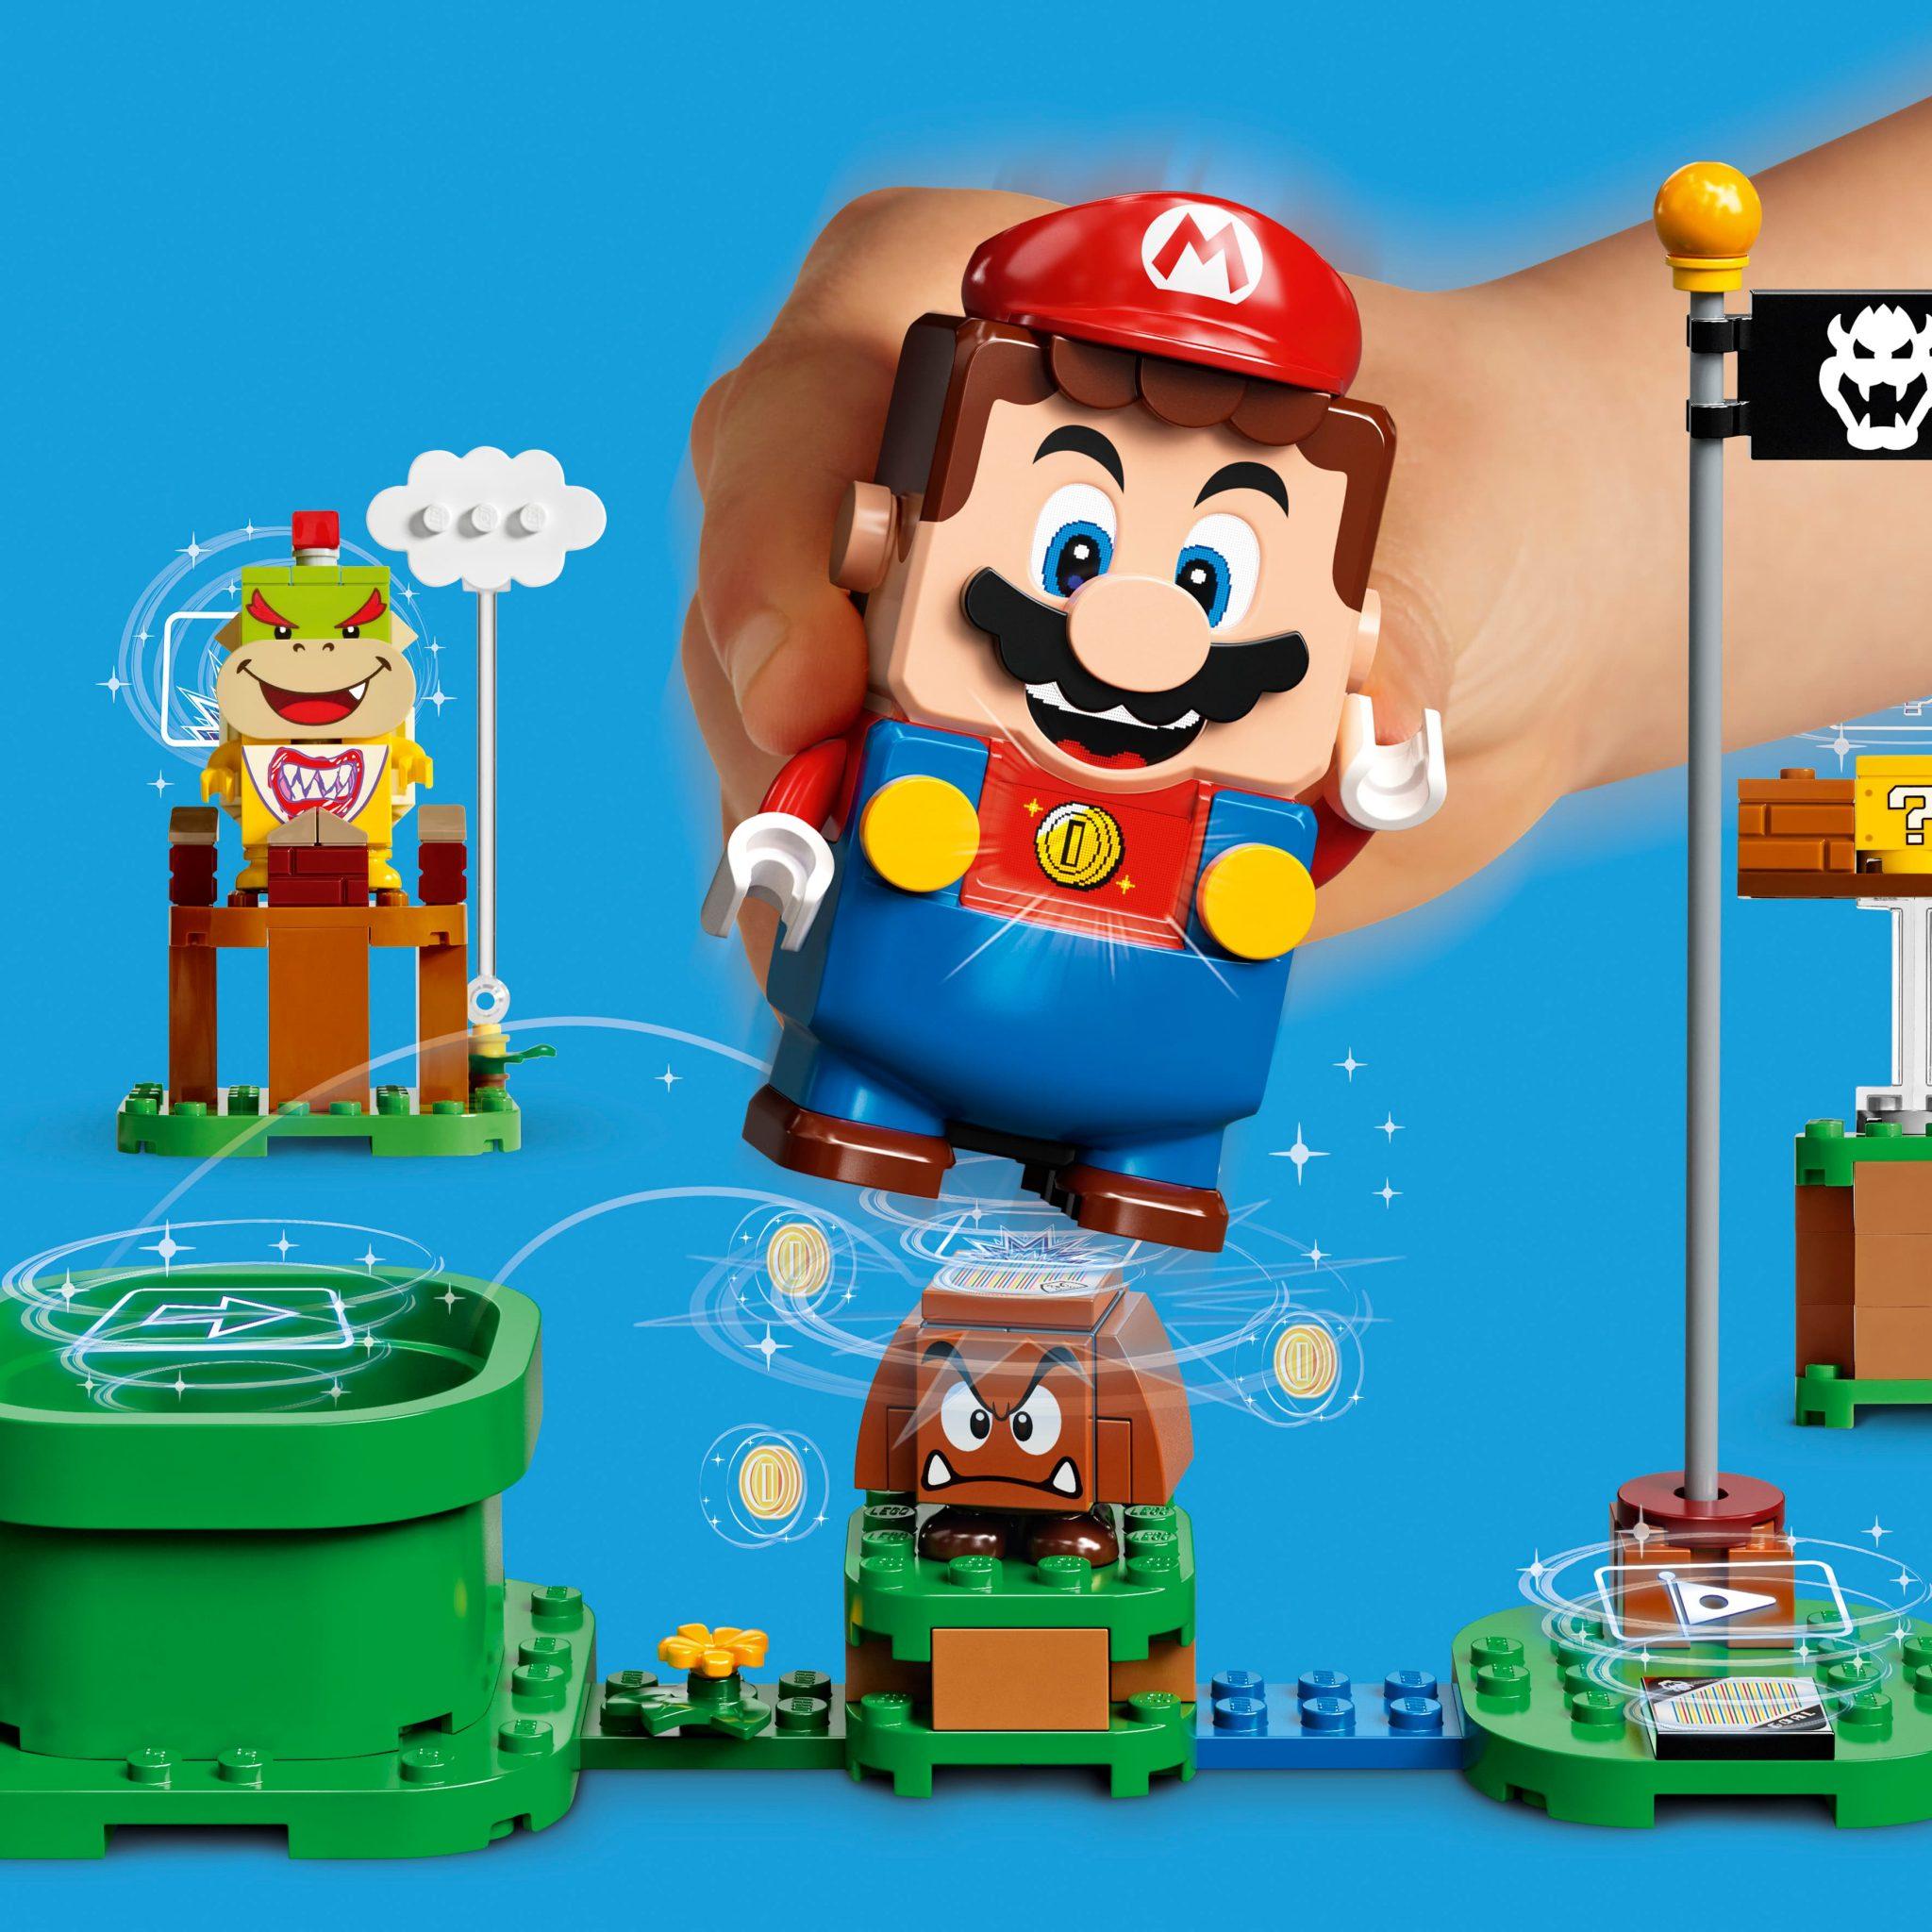 La linea LEGO Super Mario arriverà entro l'anno thumbnail